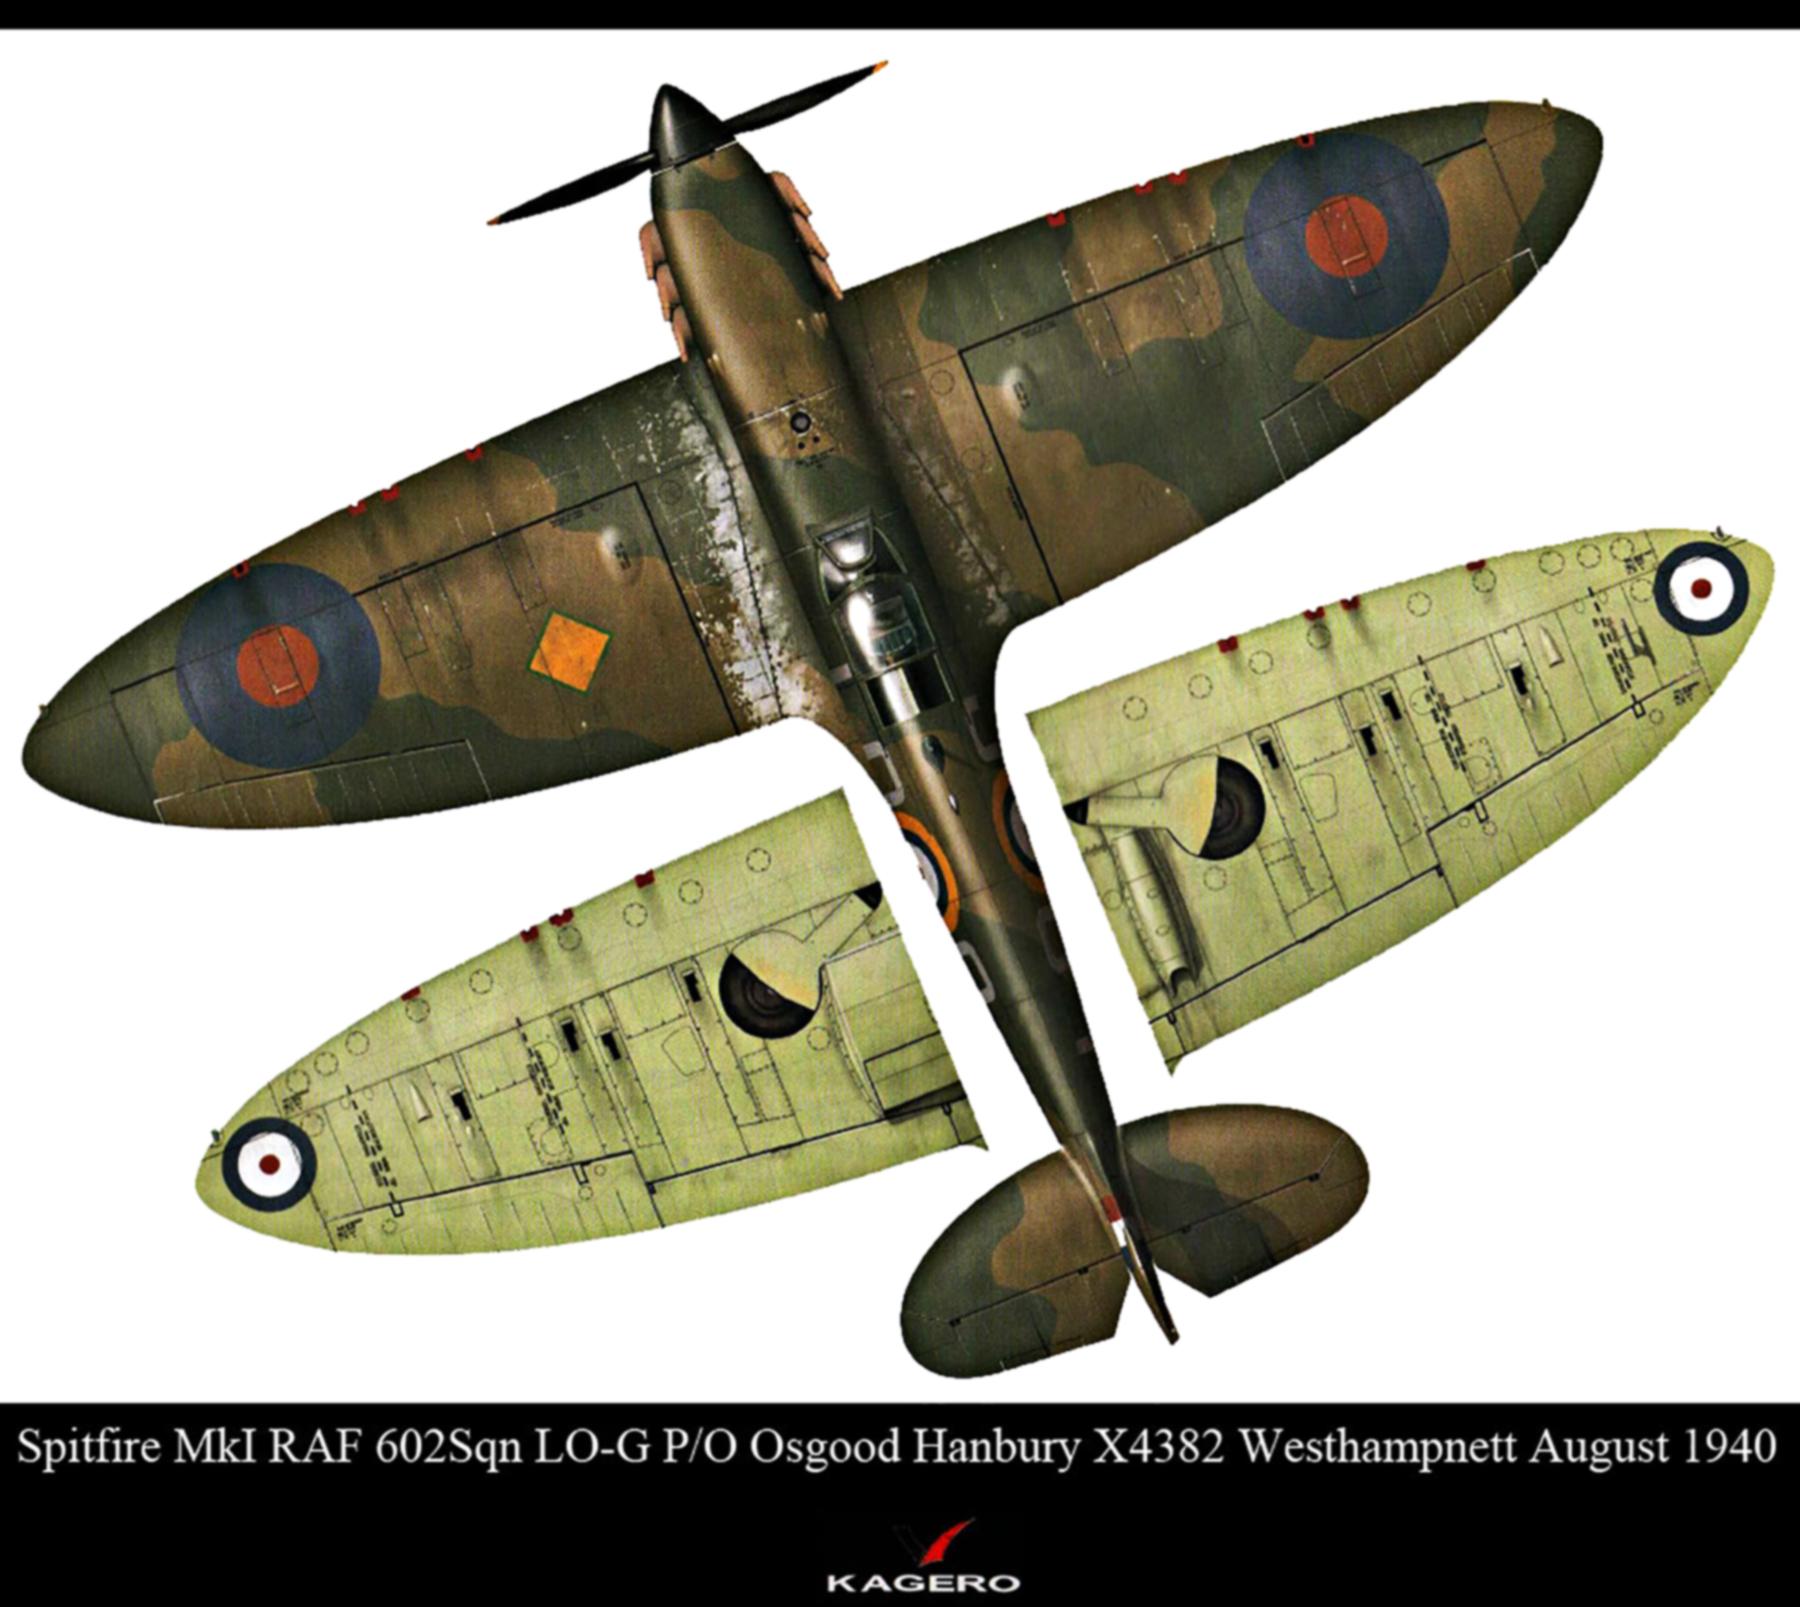 Spitfire MkIa RAF 602Sqn LOG Osgood Hanbury X4382 Westhampnett Aug 1940 0B